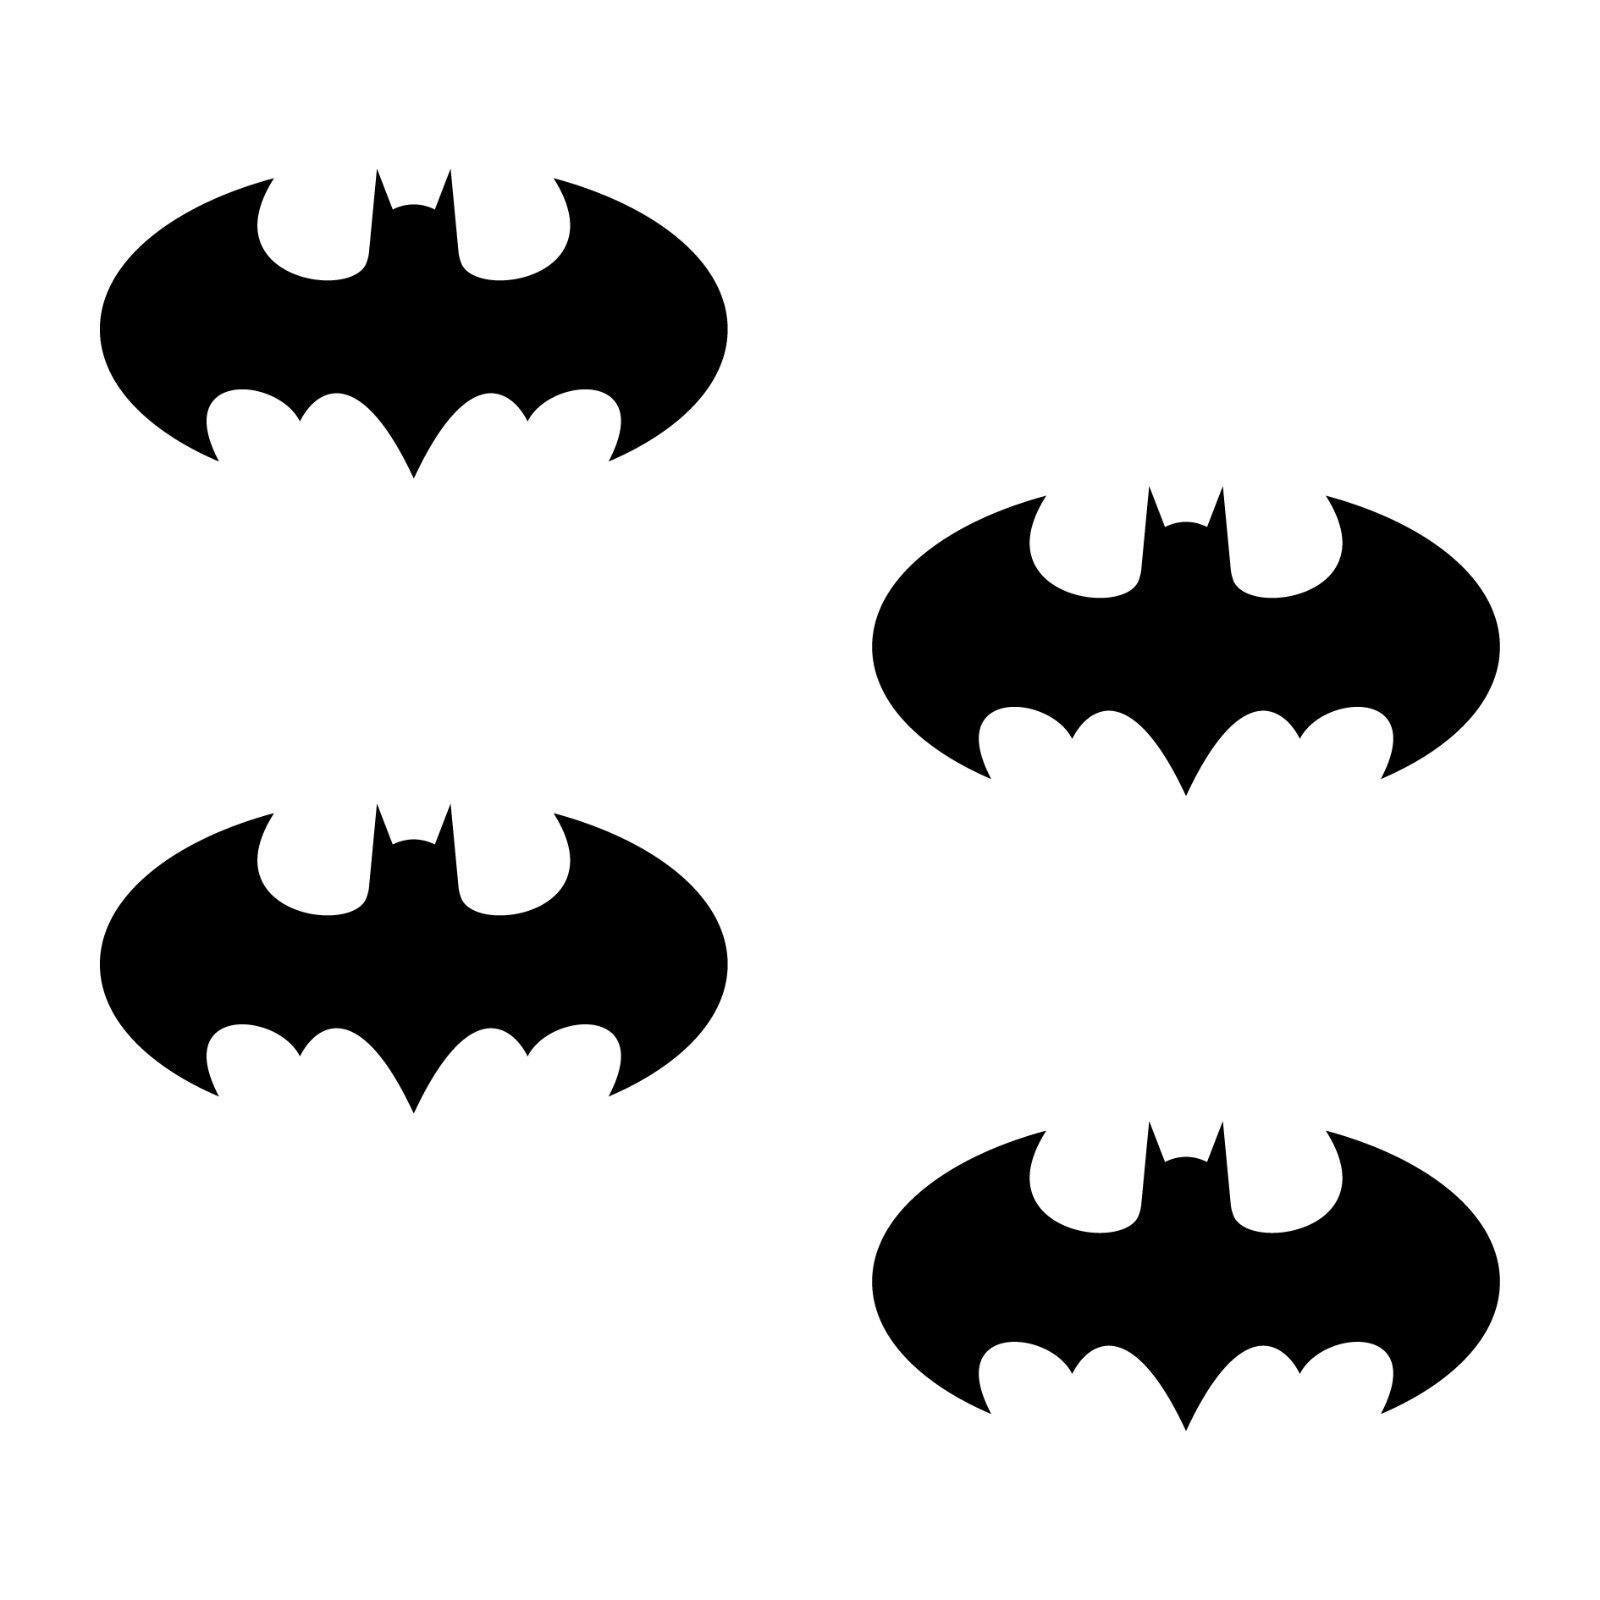 4 aufkleber tattoo 5cm schwarz batman old fledermaus handy smartphone deko folie kaufen bei. Black Bedroom Furniture Sets. Home Design Ideas